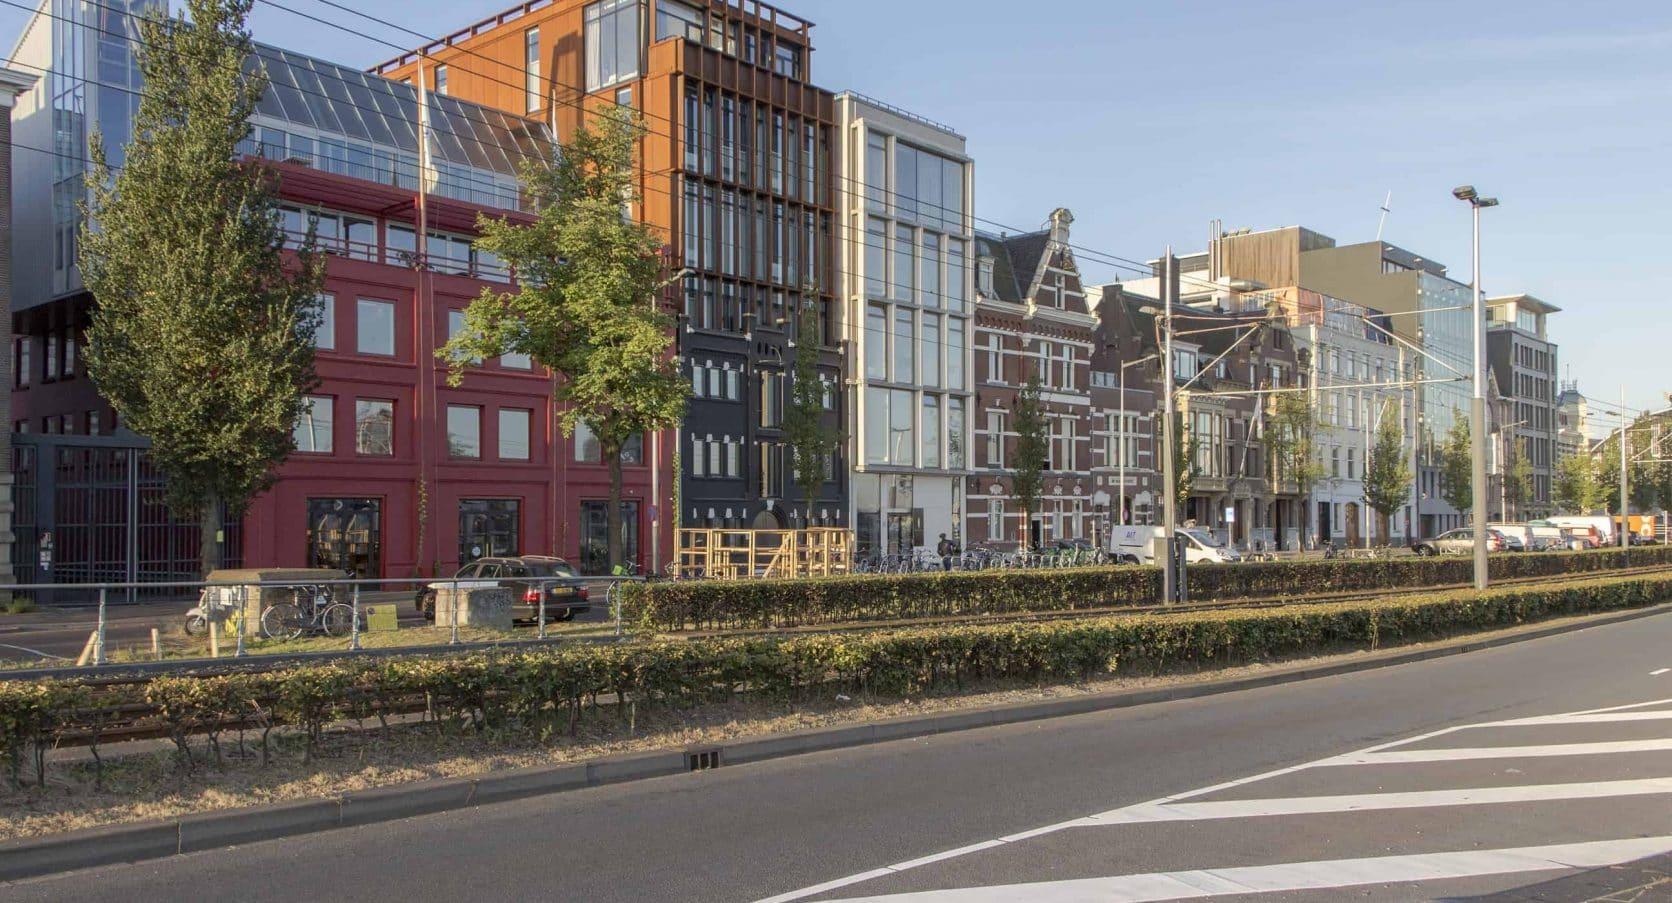 MD Flack gevelbekleding van de zijkant van de hotelappartementen aan de DeRuyterkade in Amsterdam